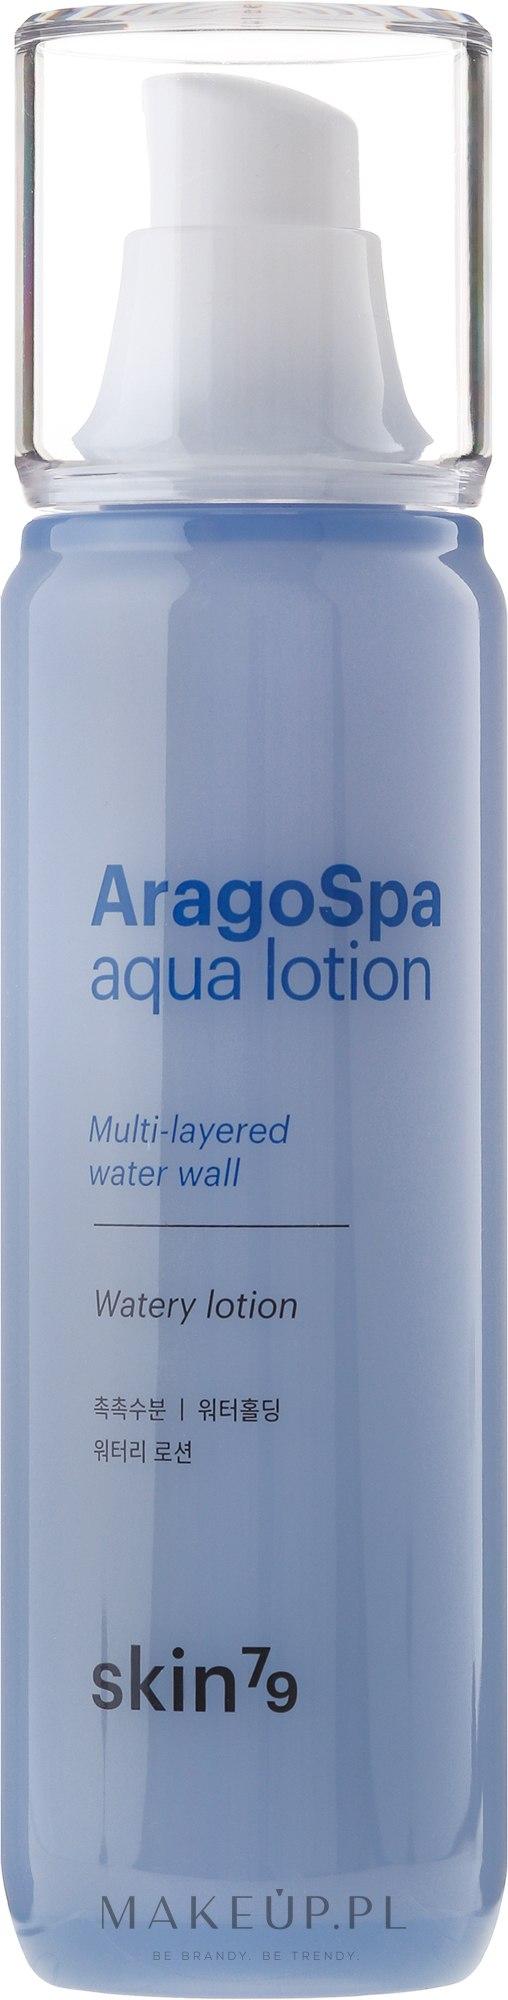 Lekki nawilżający lotion do twarzy - Skin79 AragoSpa Aqua Lotion — фото 125 ml